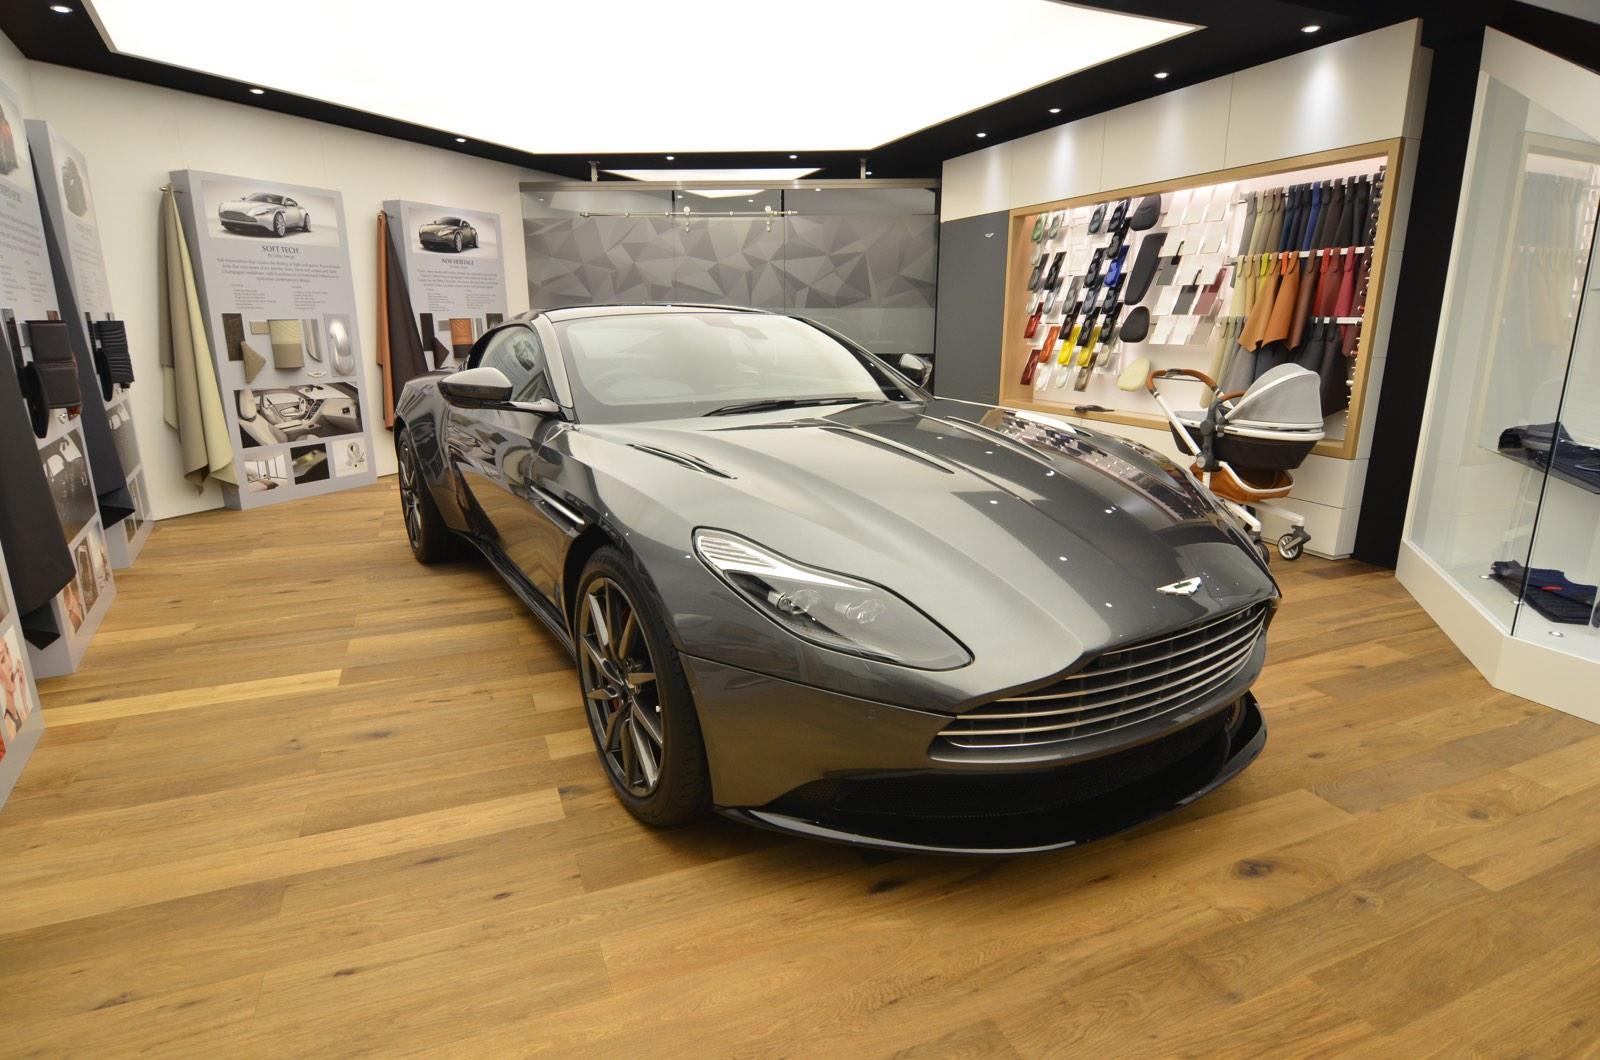 Aston Martin DB11 at Geneva4